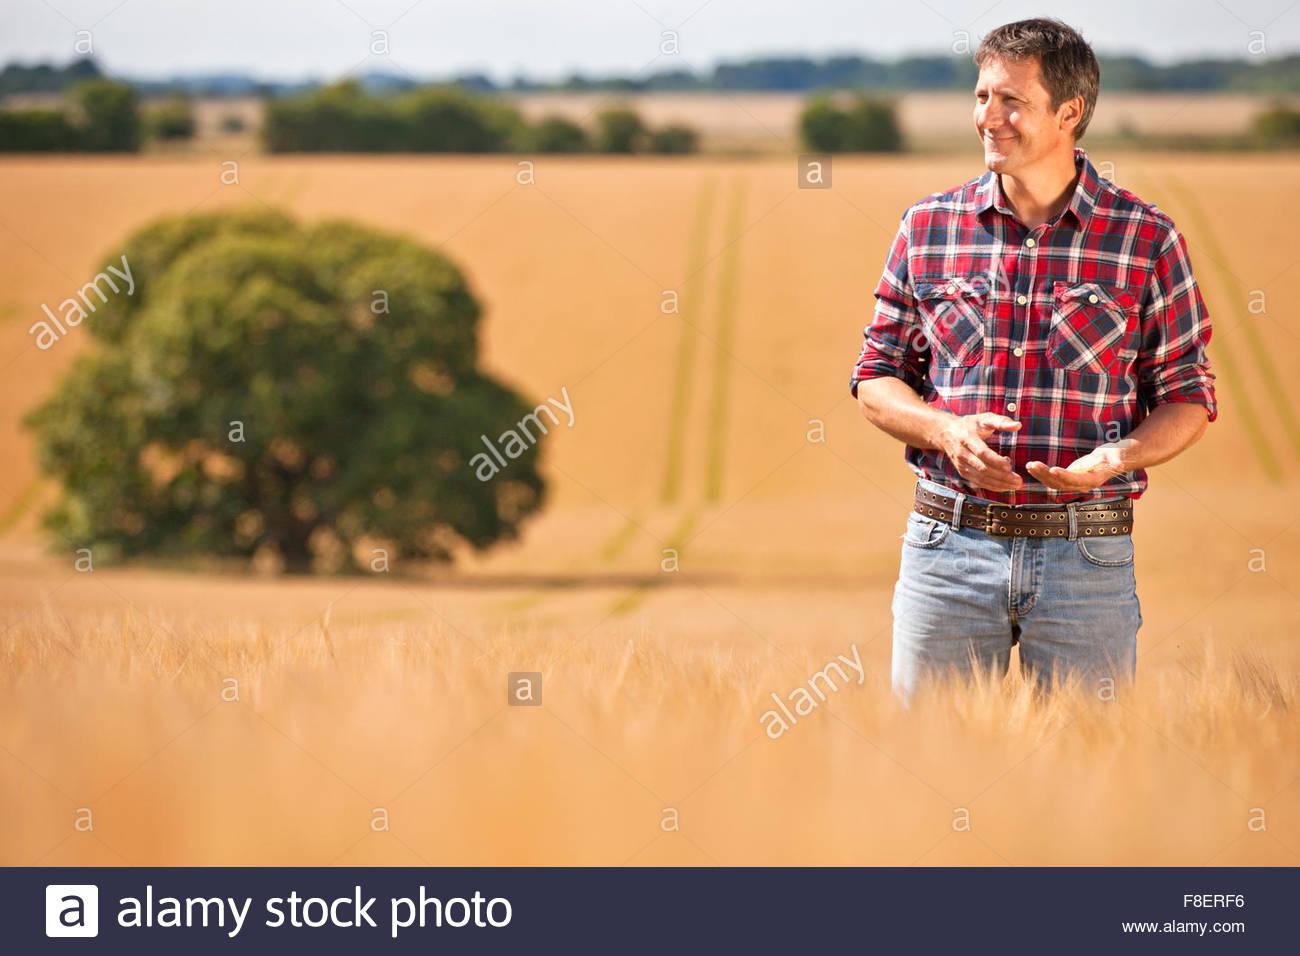 Agricultor apartar la mirada en un soleado día de campo de cultivos de cebada rural Imagen De Stock